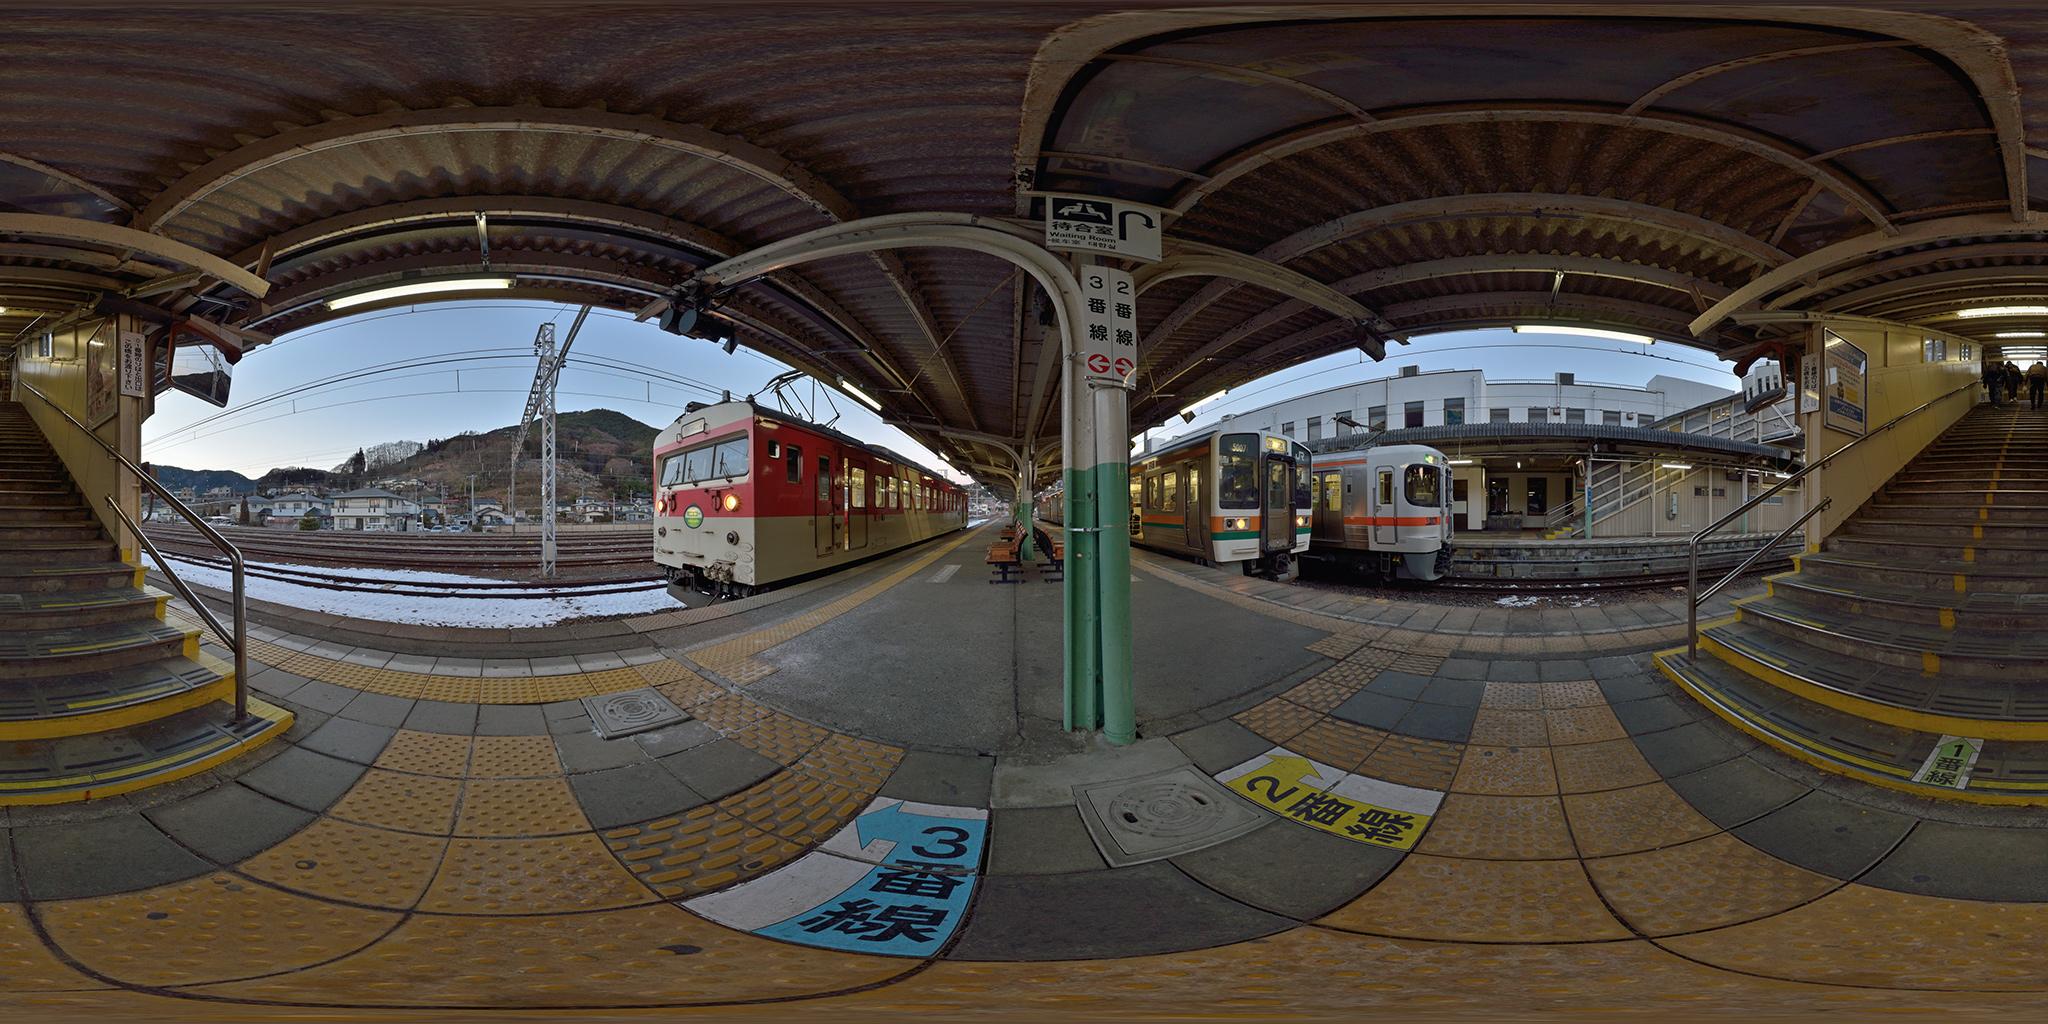 辰野駅を発車するミニエコー